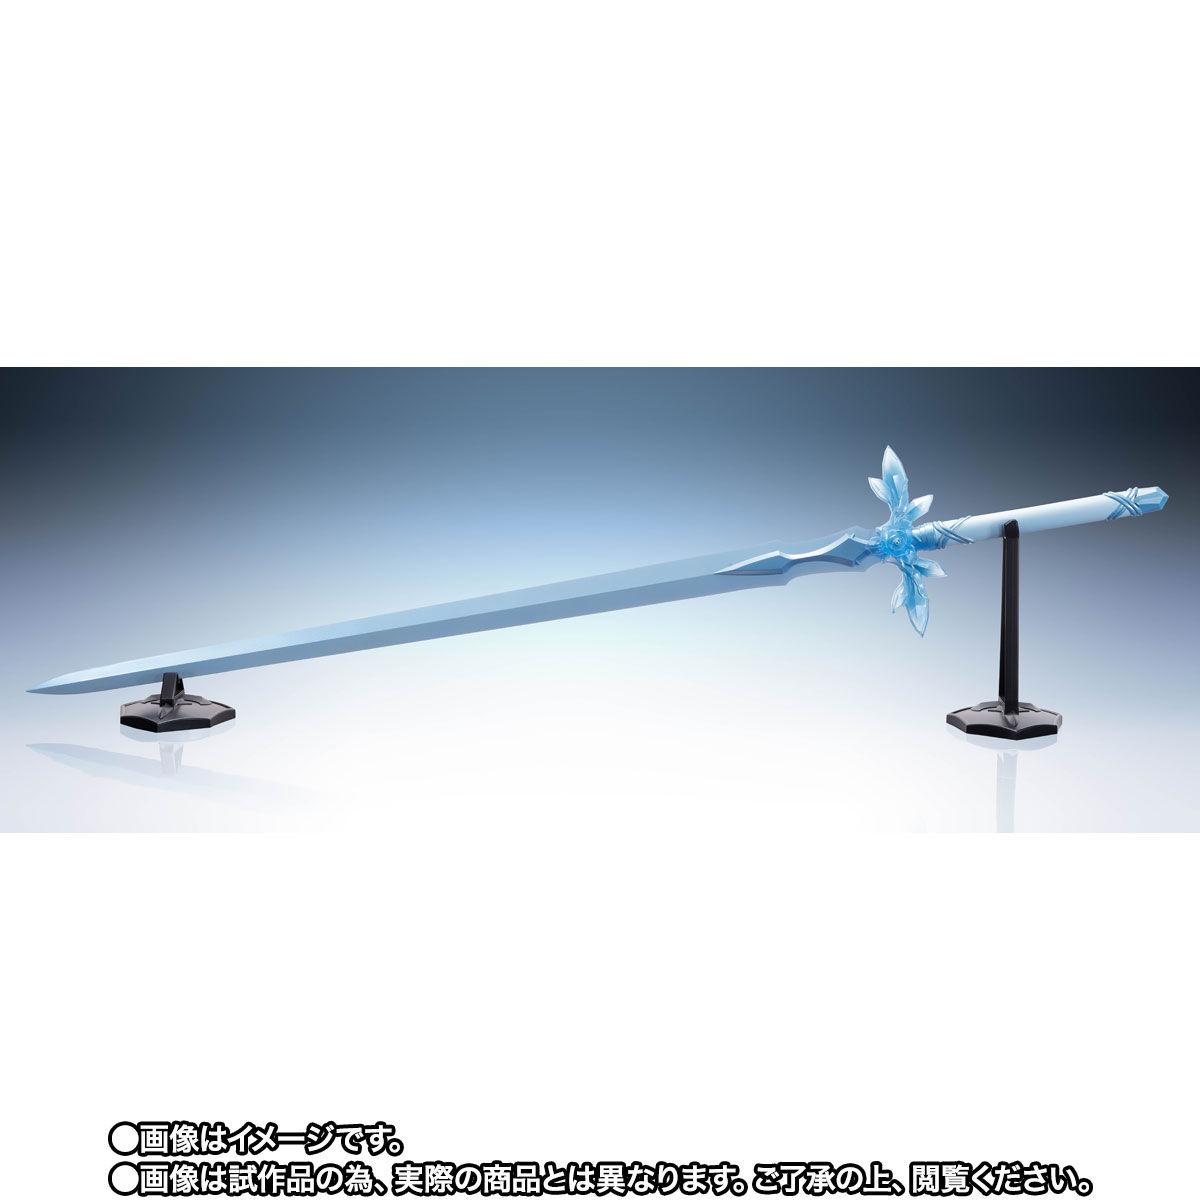 【限定販売】PROPLICA プロップリカ『青薔薇の剣』ソードアート・オンライン 変身なりきり-003